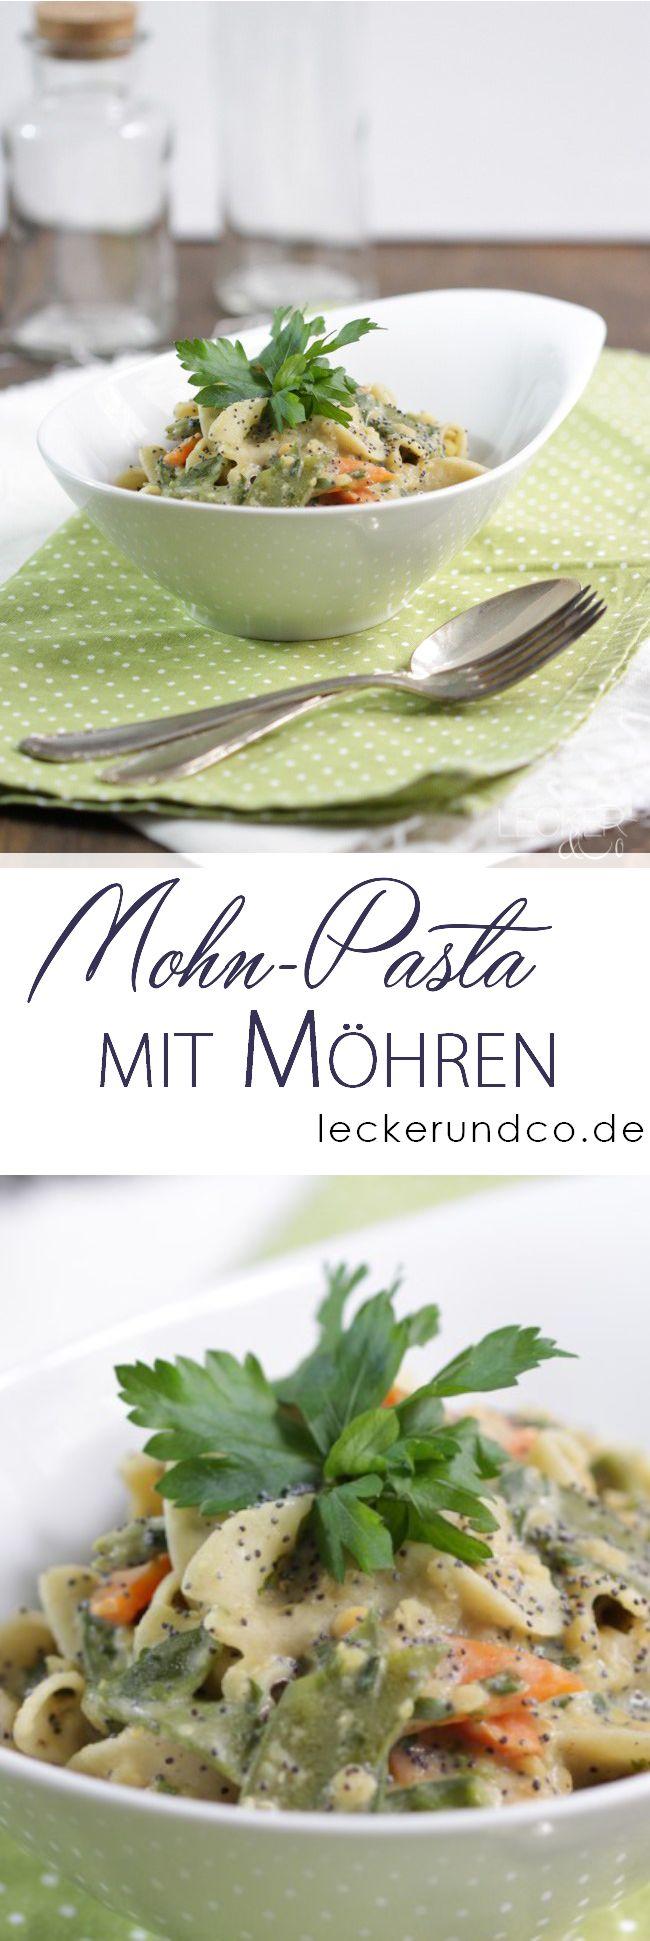 Mohn-Pasta mit Zuckerschoten und Möhren | vegan